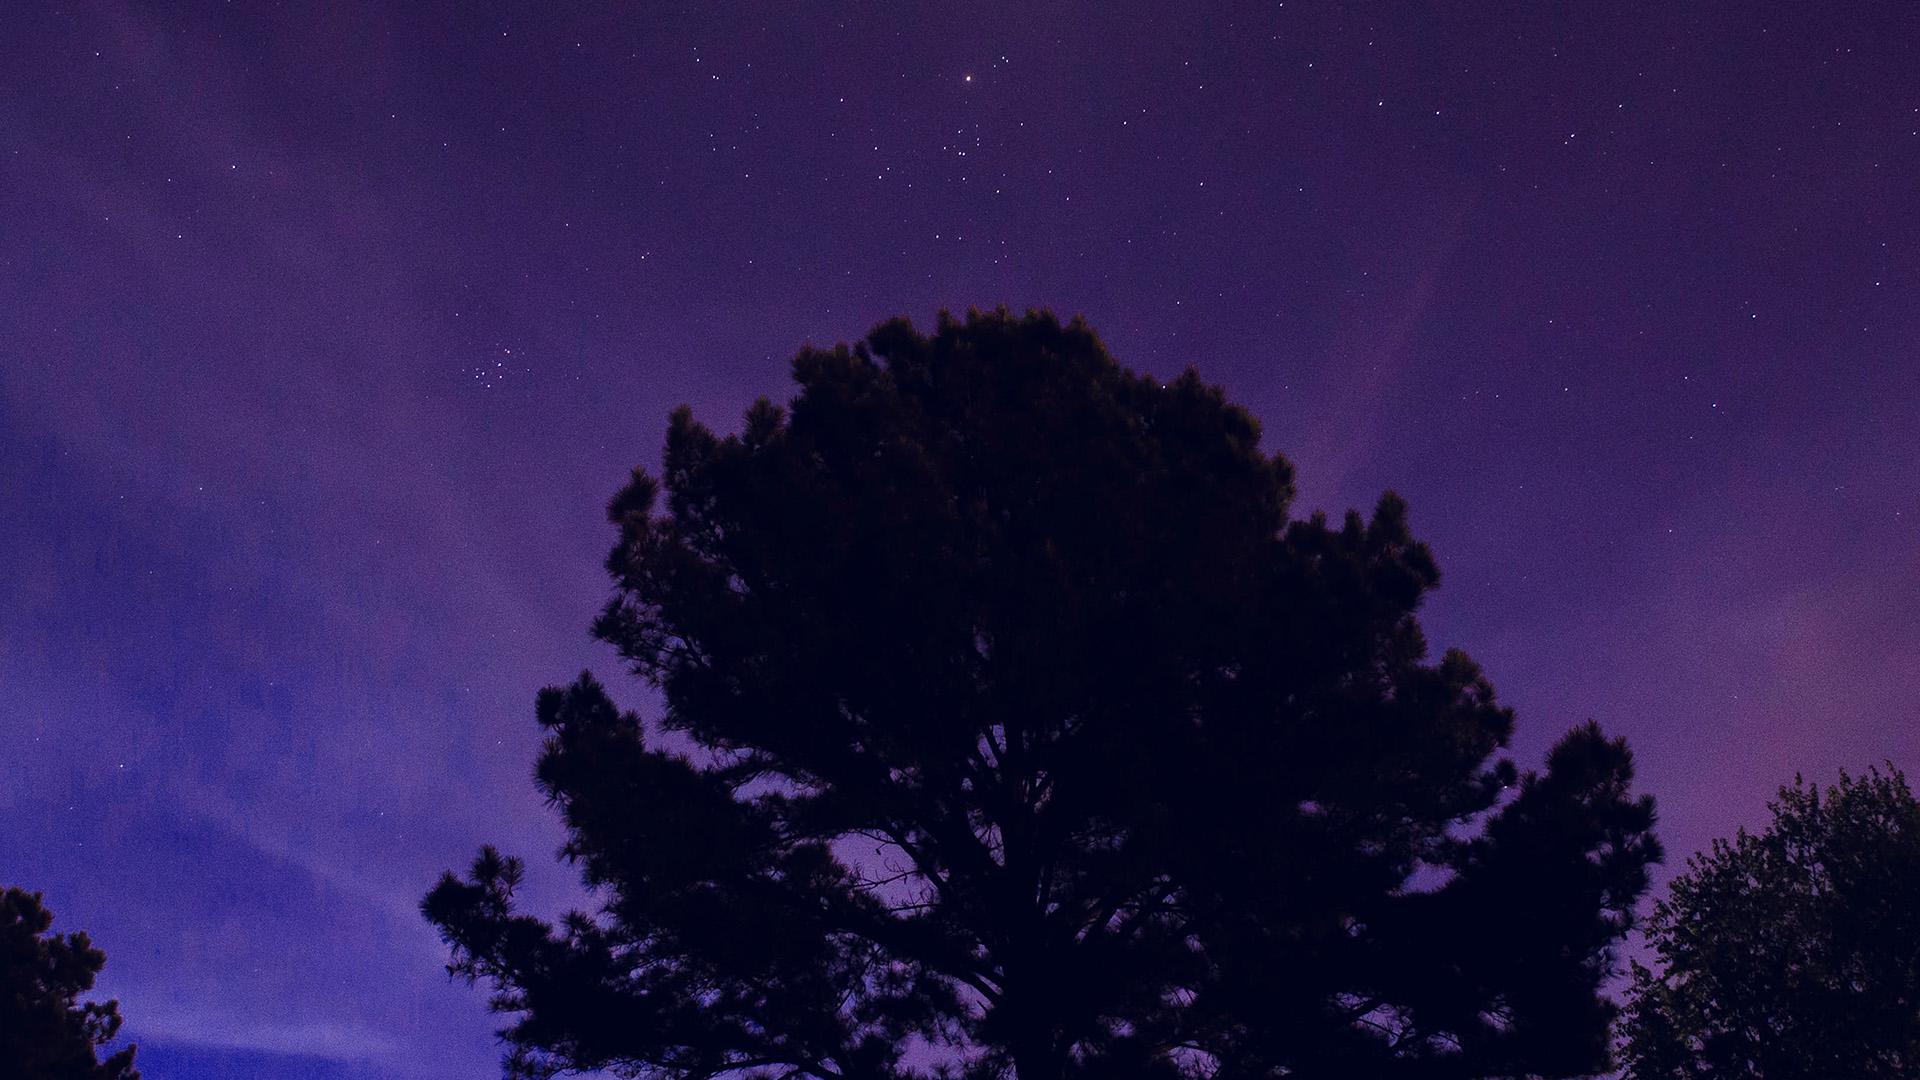 Fall Wood Wallpaper Nj68 One Star Shine Night Dark Blue Sky Wood Purple Wallpaper